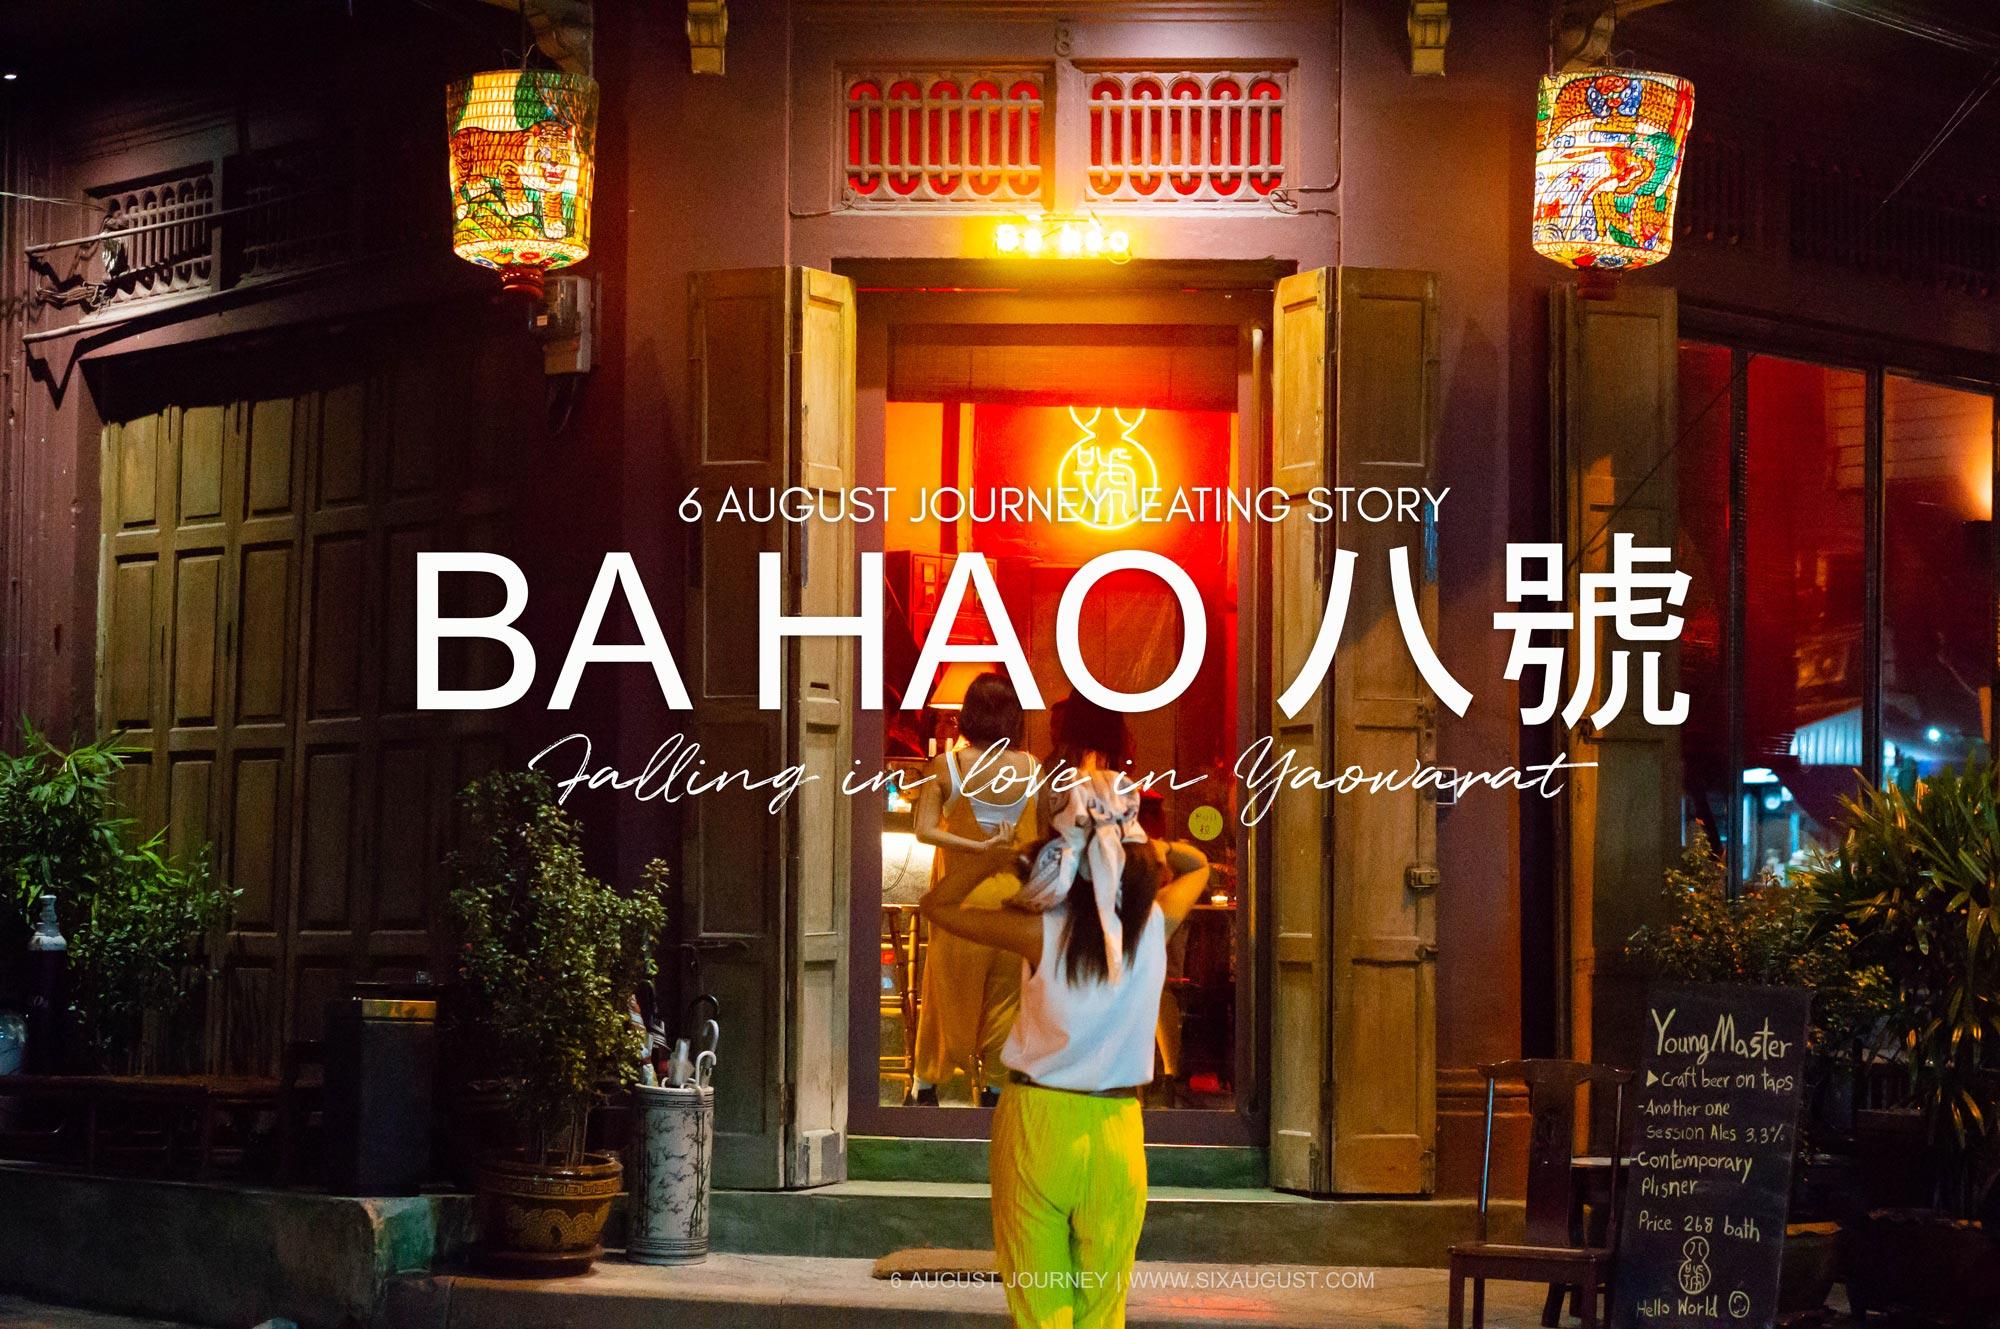 Ba hao 八號 falling in love